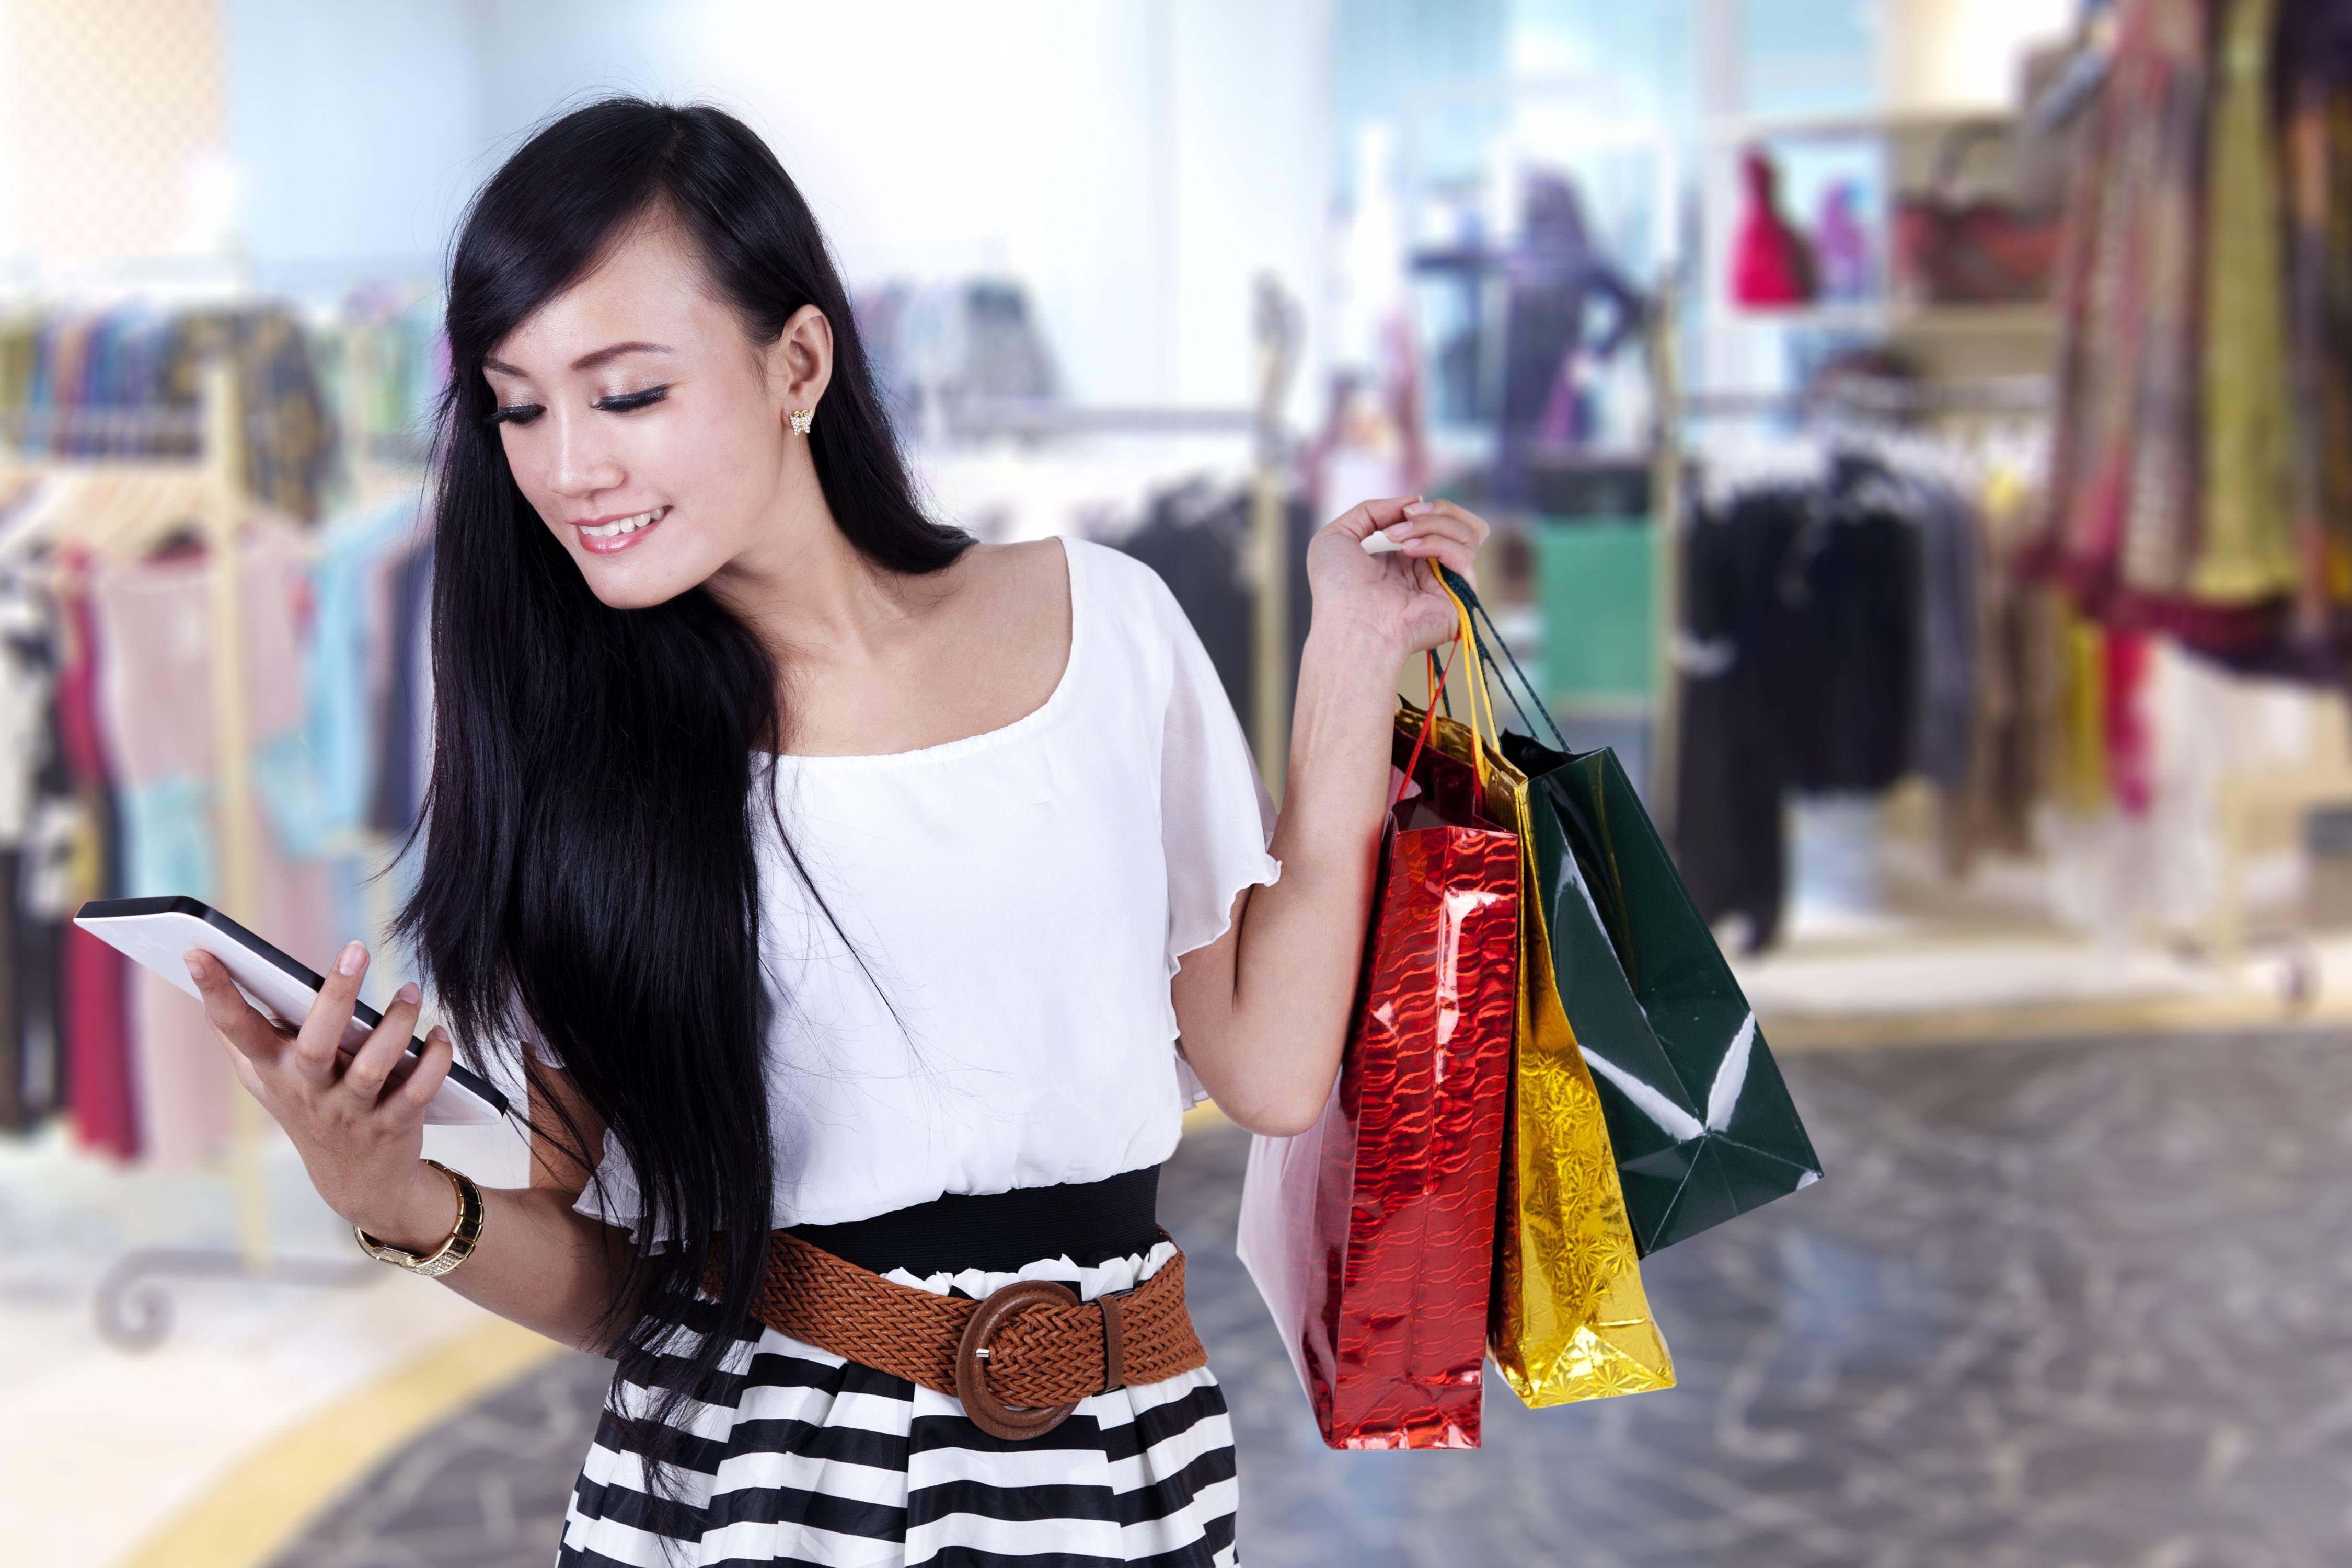 Как сэкономить на одежде и при этом выглядеть стильно